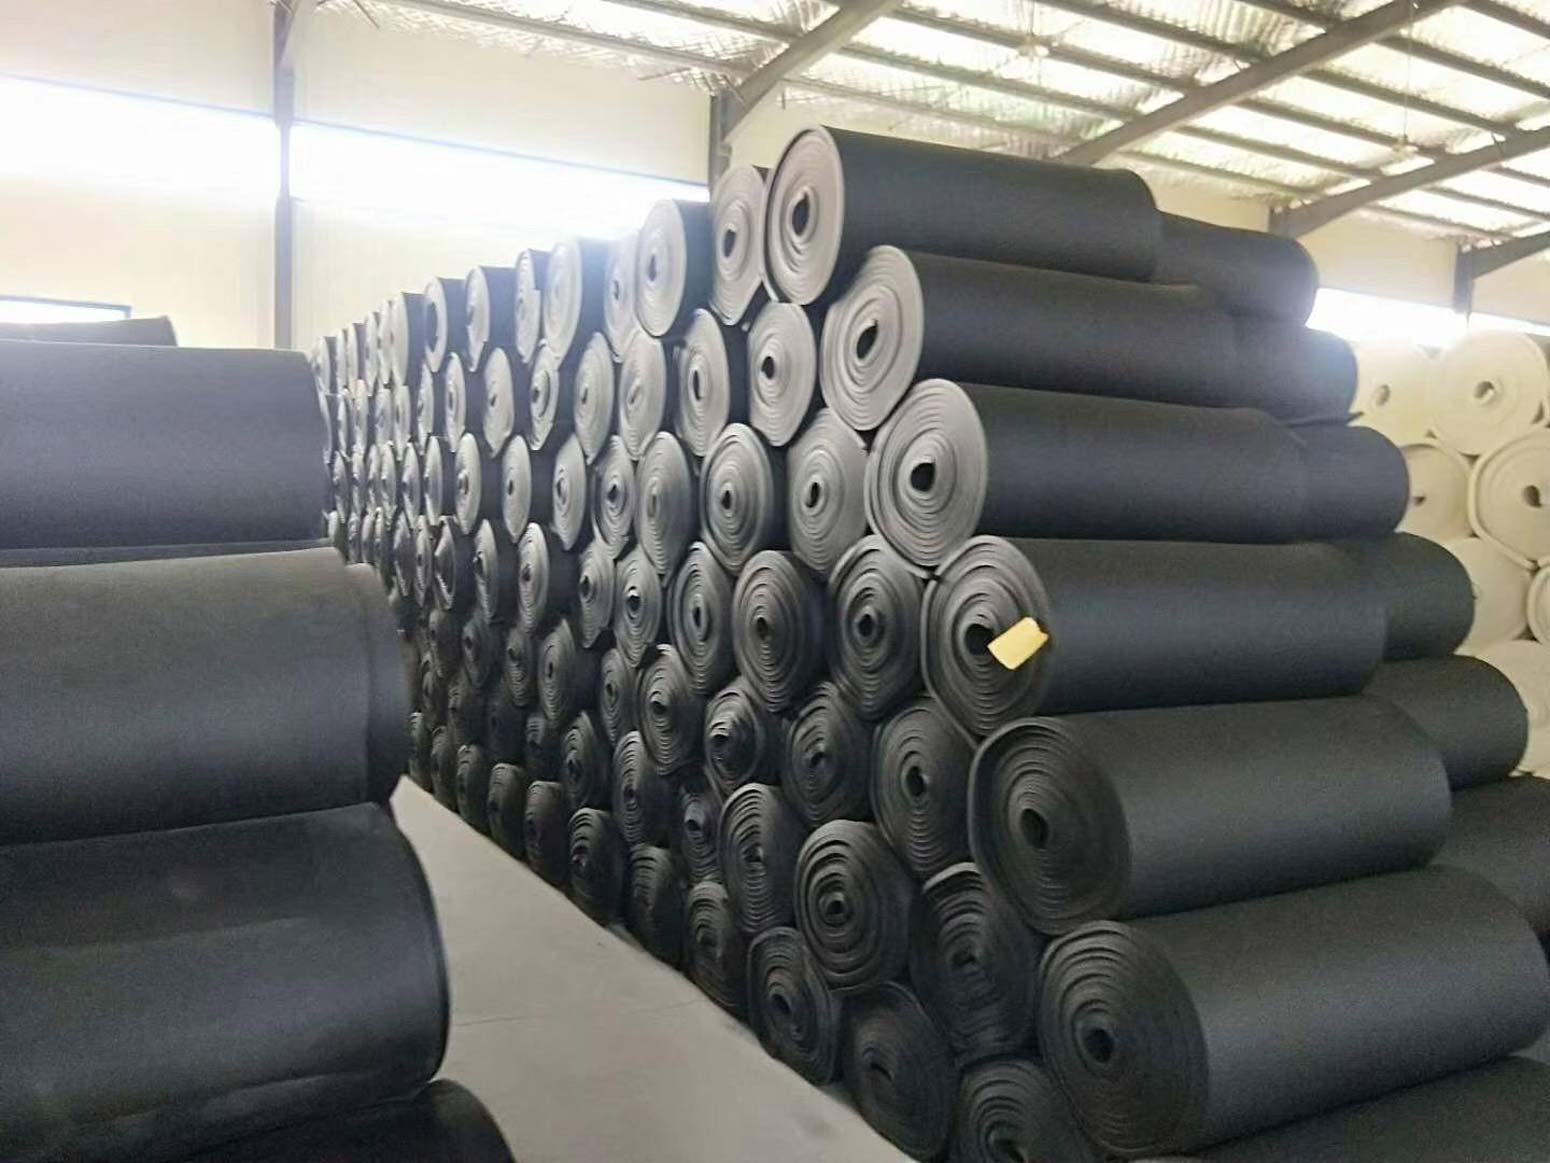 广东直供橡塑板供应商, 橡塑板是一种以优异的丁腈橡胶和聚录乙烯为主要原料,添加特殊的辅助材料,橡塑板,经过发泡工艺而制成的软质保温节能材料。保温橡塑板材的性能优良,在很多方面都有着它的优势。 橡塑板 是一种分子连接紧密的高分子聚合物,这决定了保温橡塑板材的性能不吸水,不透水。所以保温橡塑板是一种性能优异的防水材料。在物理结构上,保温橡塑板材又是一种发泡结构,所以它是一种软质的材料。 保温橡塑板材的内部由许多蓬松的孔状结构组成,这一结构又决定了它透气的性能。同时,抗挤压又是保温橡塑板材的性能之一。 所以它